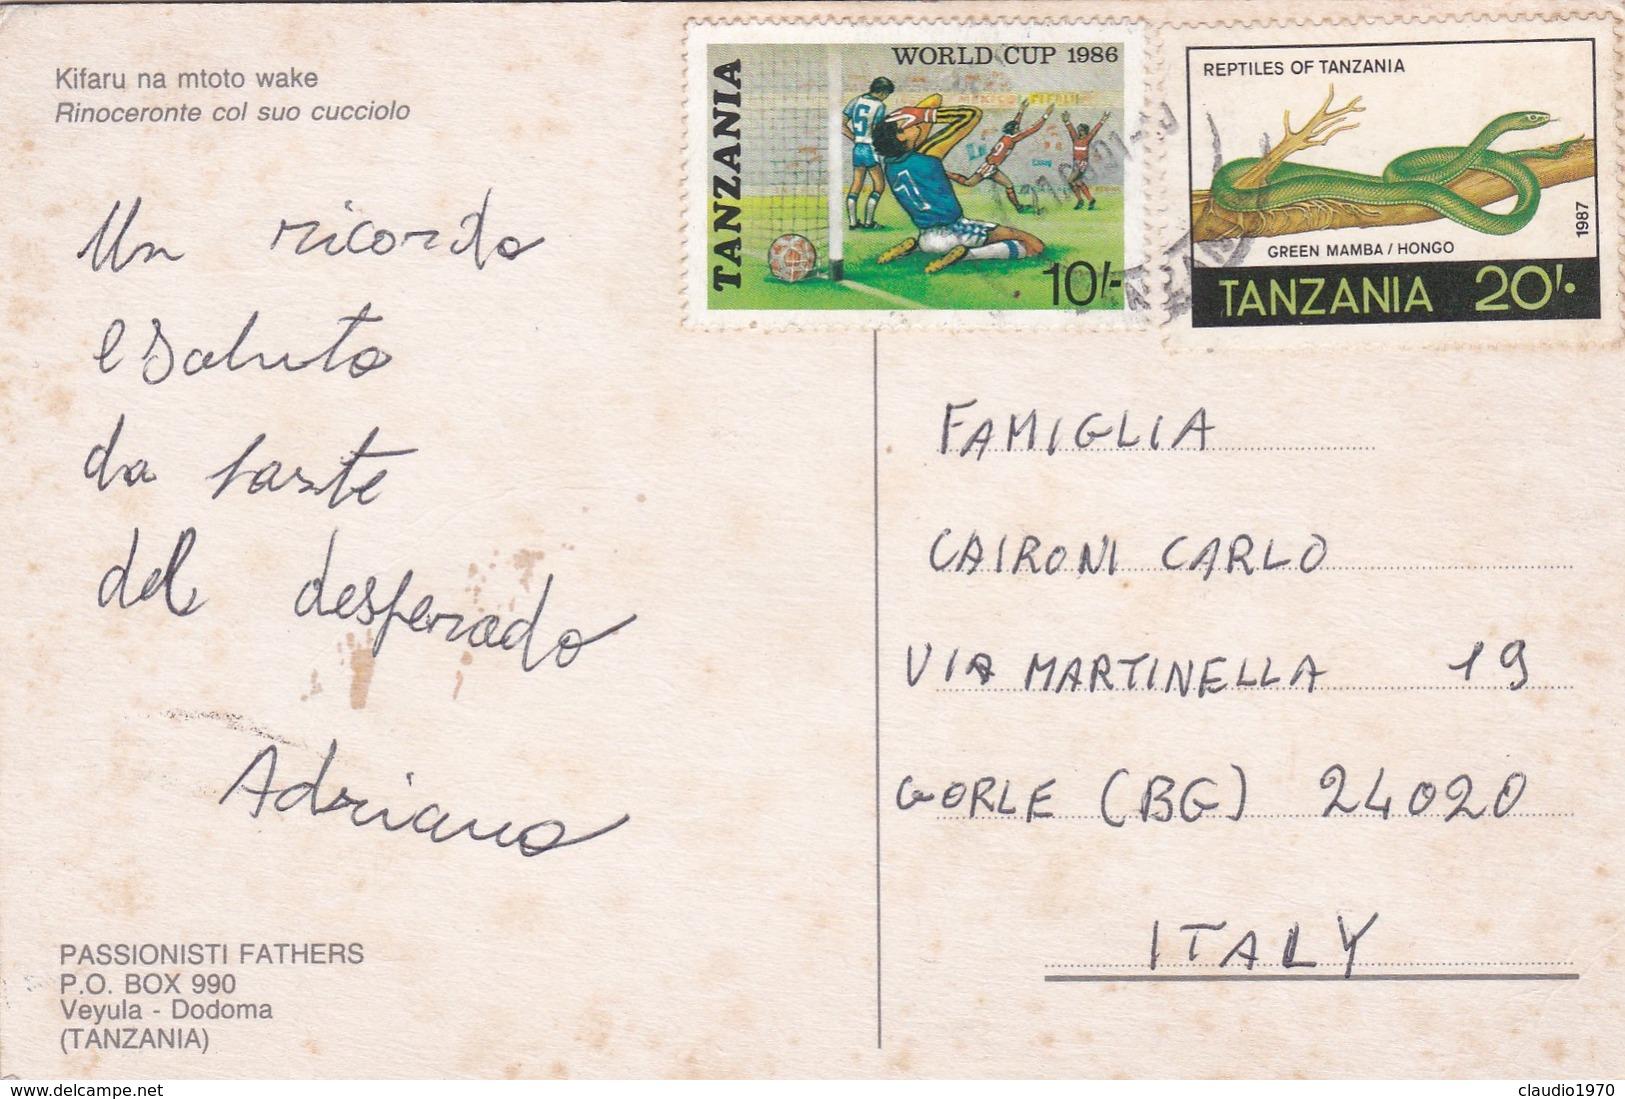 CARTOLINA - POSTCARD - TANZANIA - KIFARU NA MTOTO WAKE - RINOCERONTE COL SUO CUCCIOLO - Tanzania